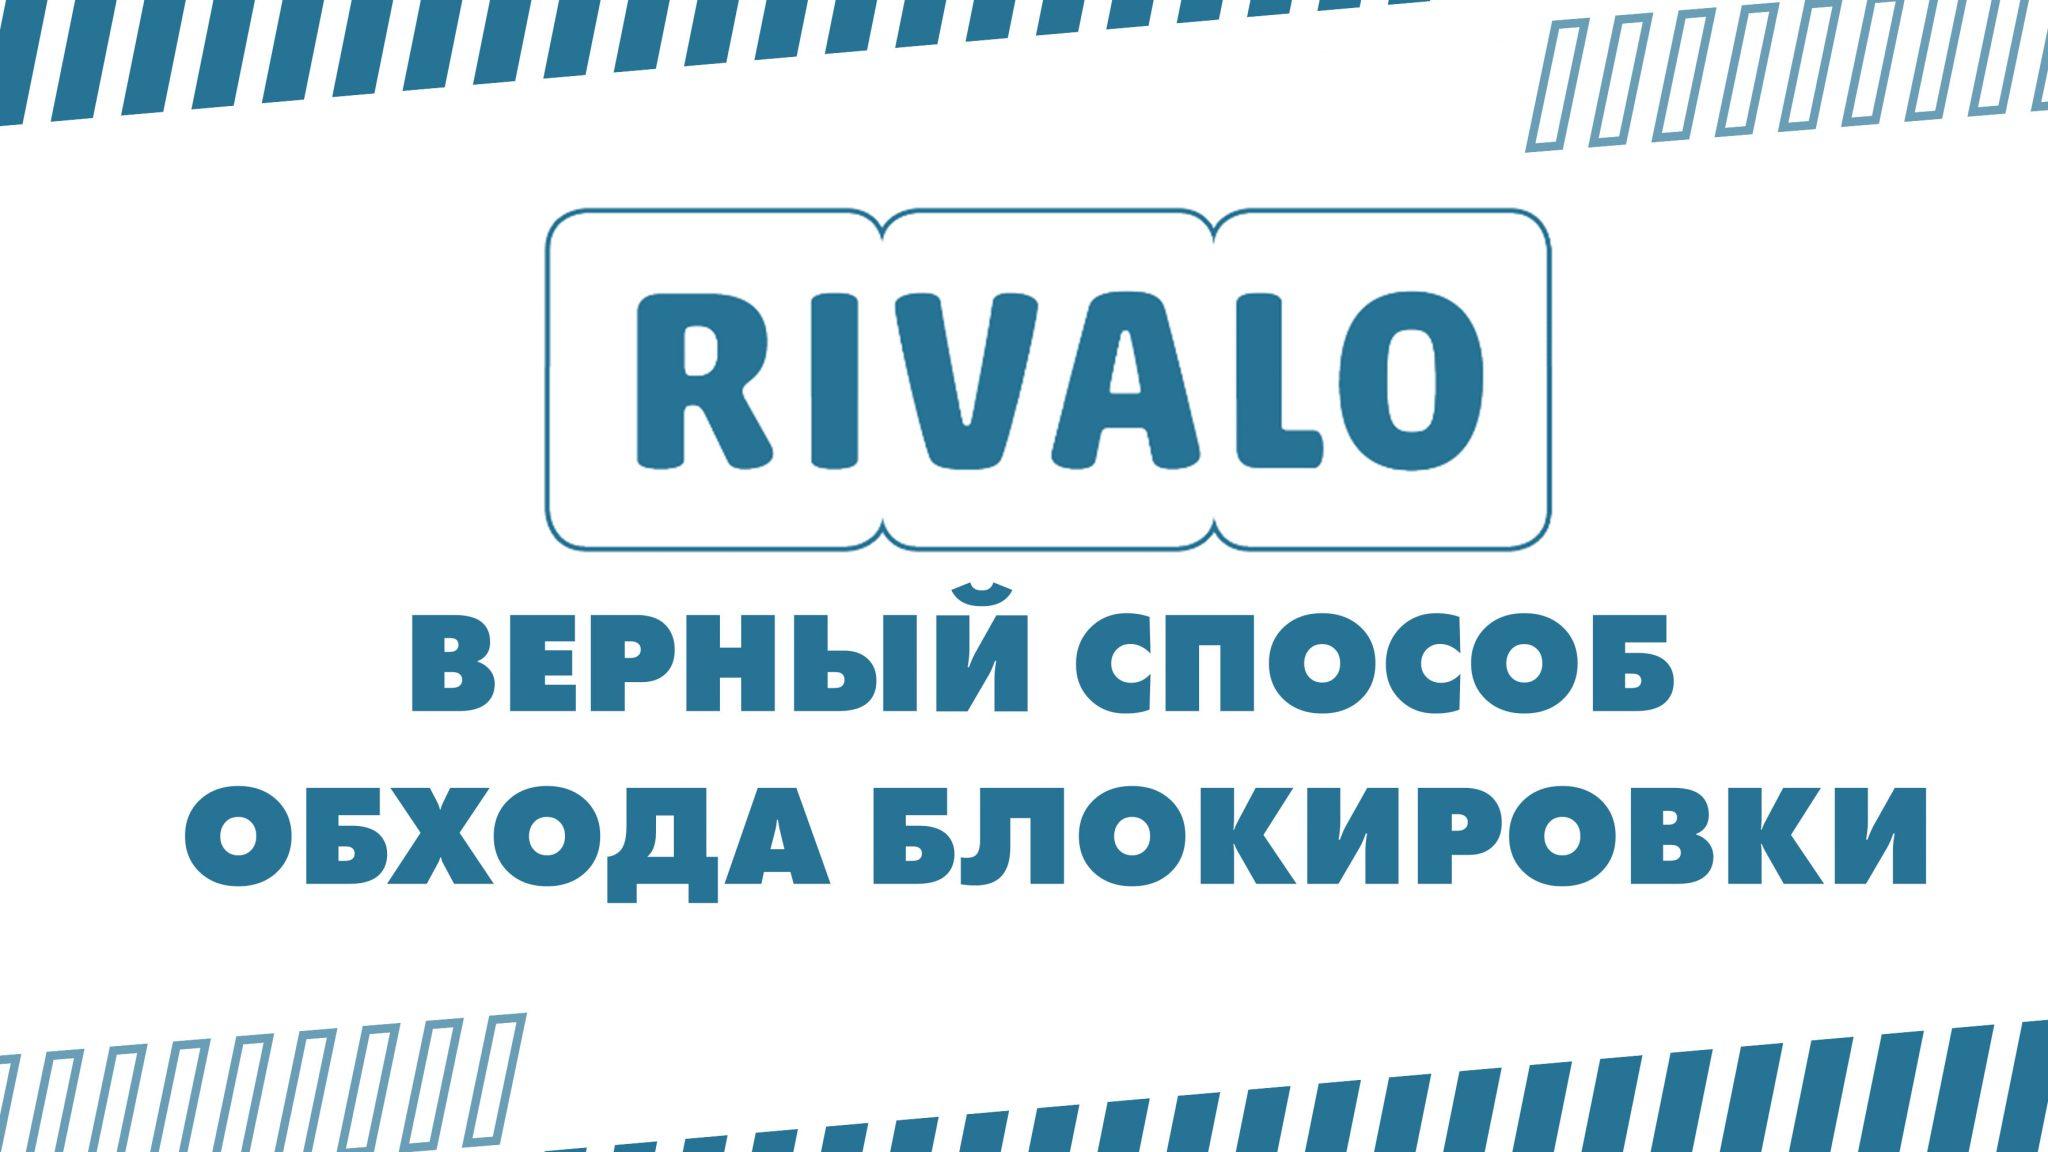 Зеркало Rivalo — верный способ обхода блокировки